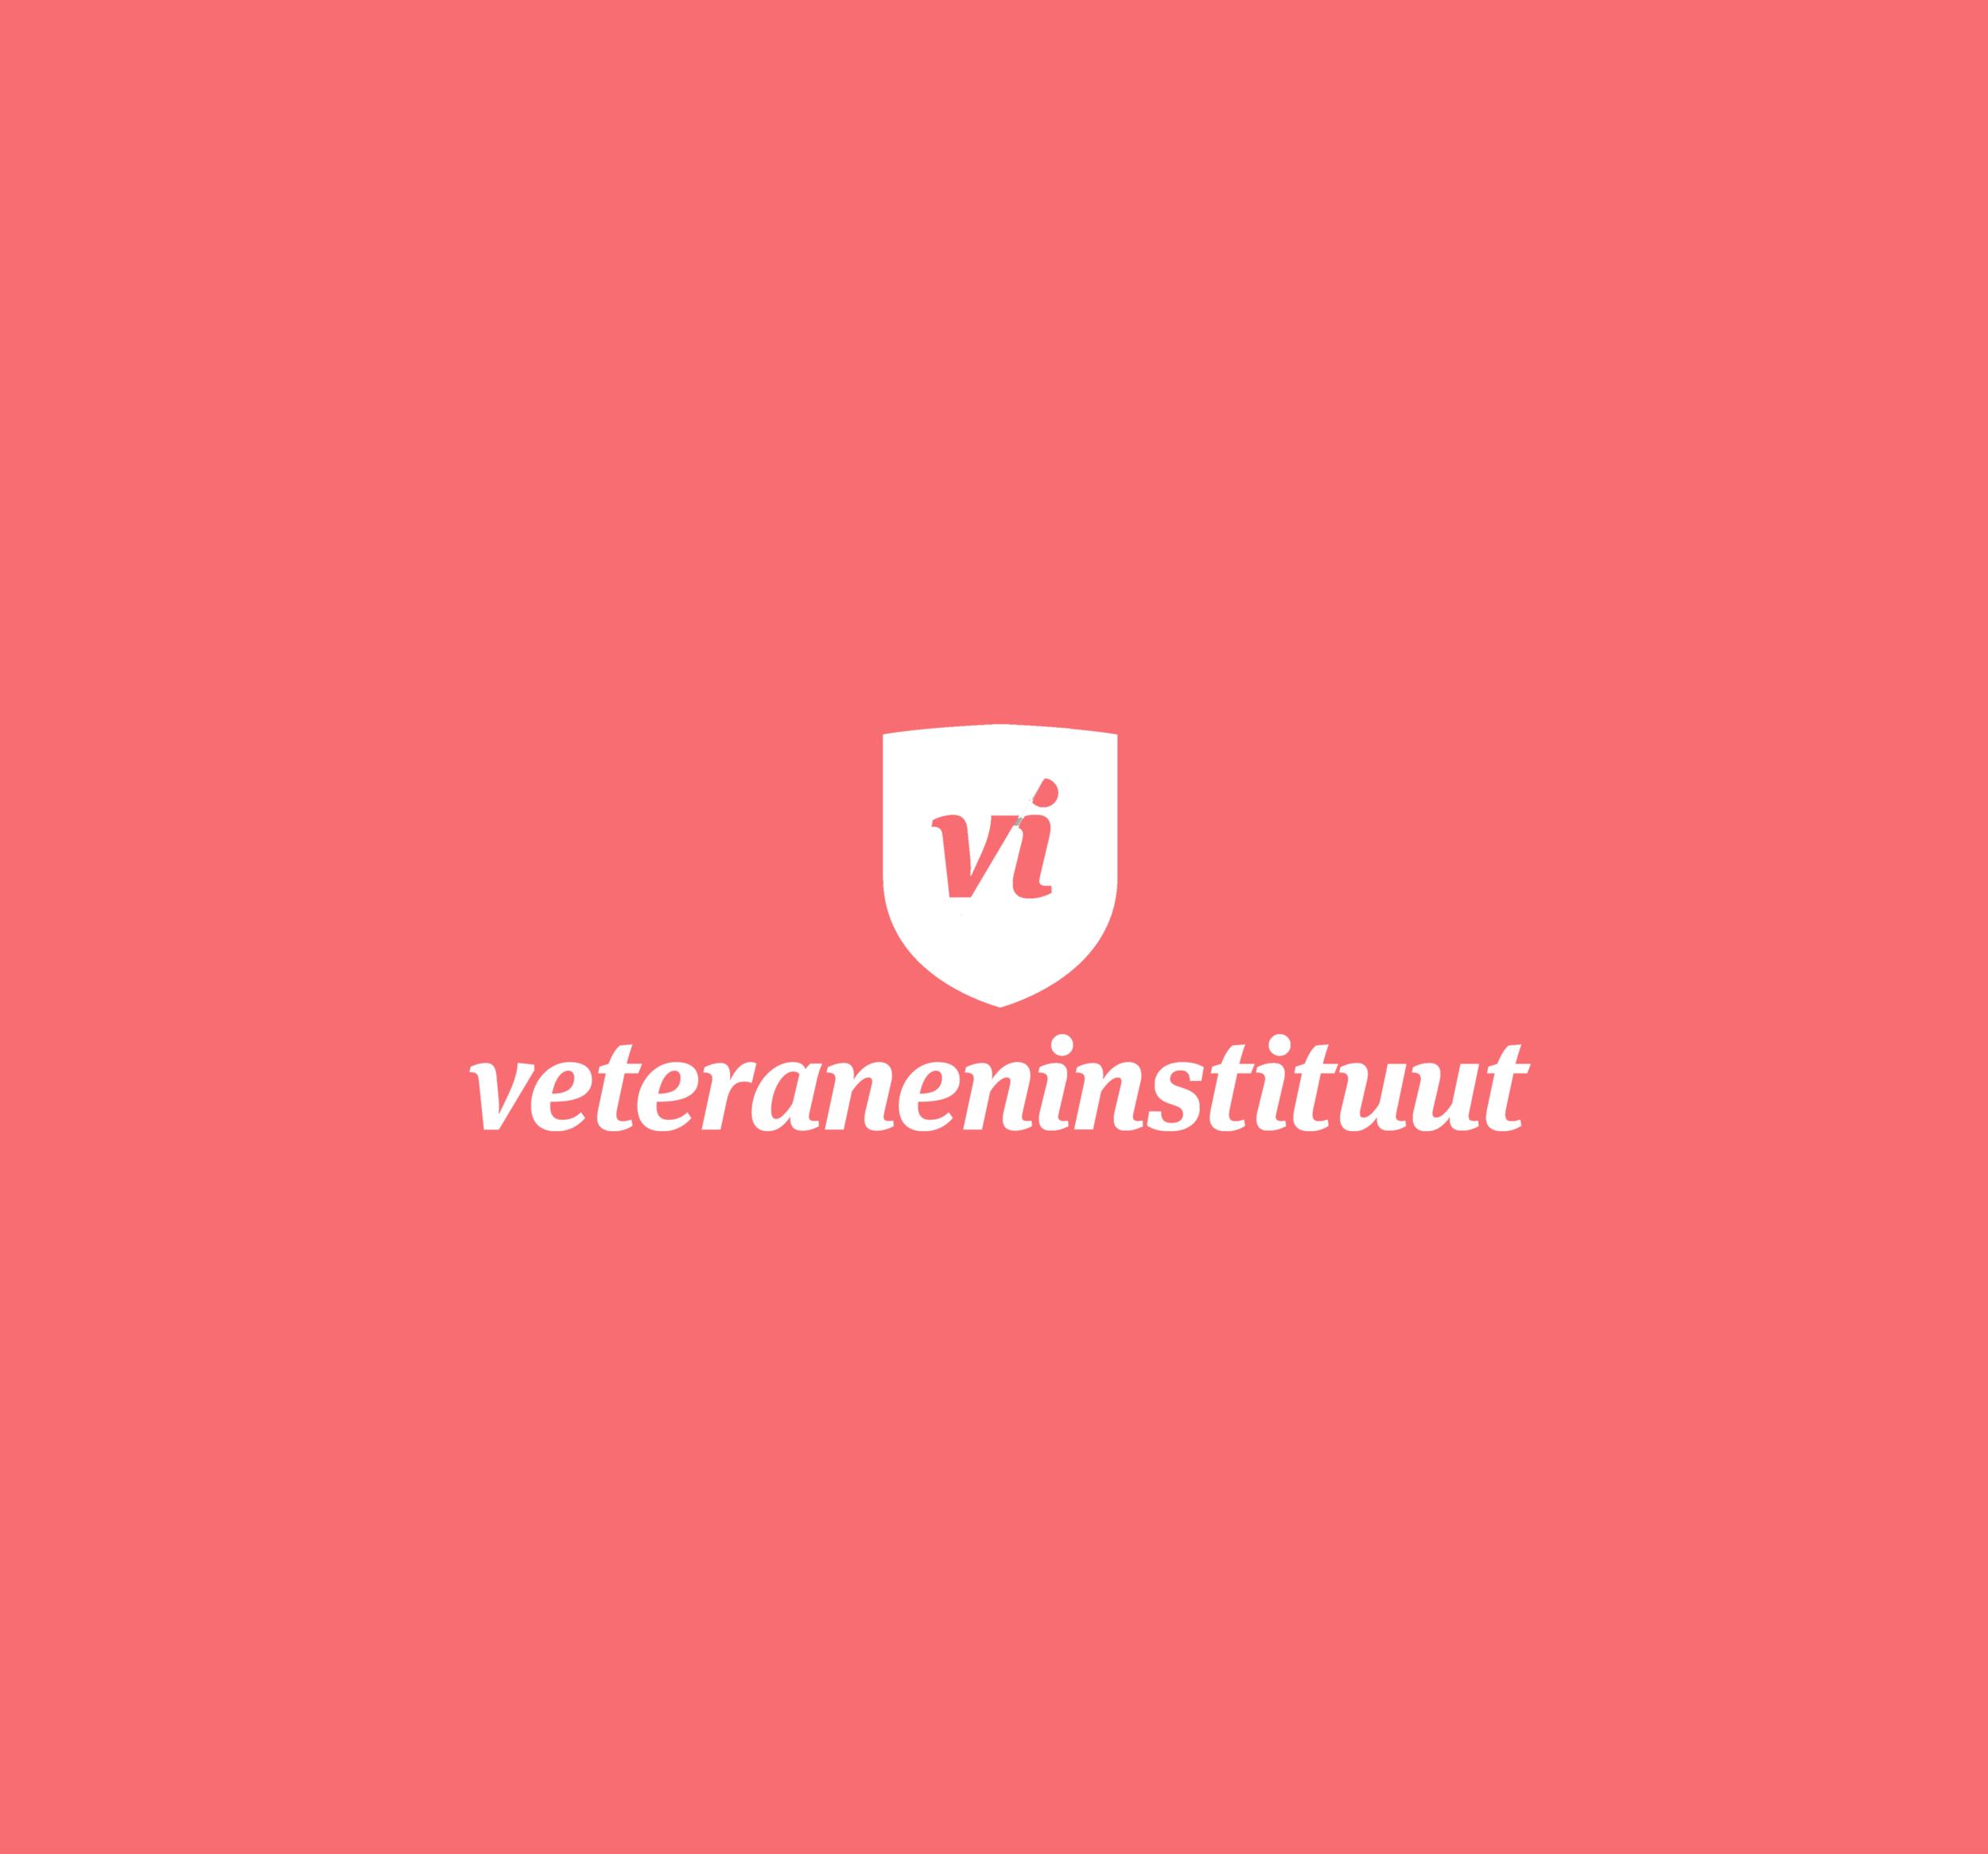 veteraneninstituut.png